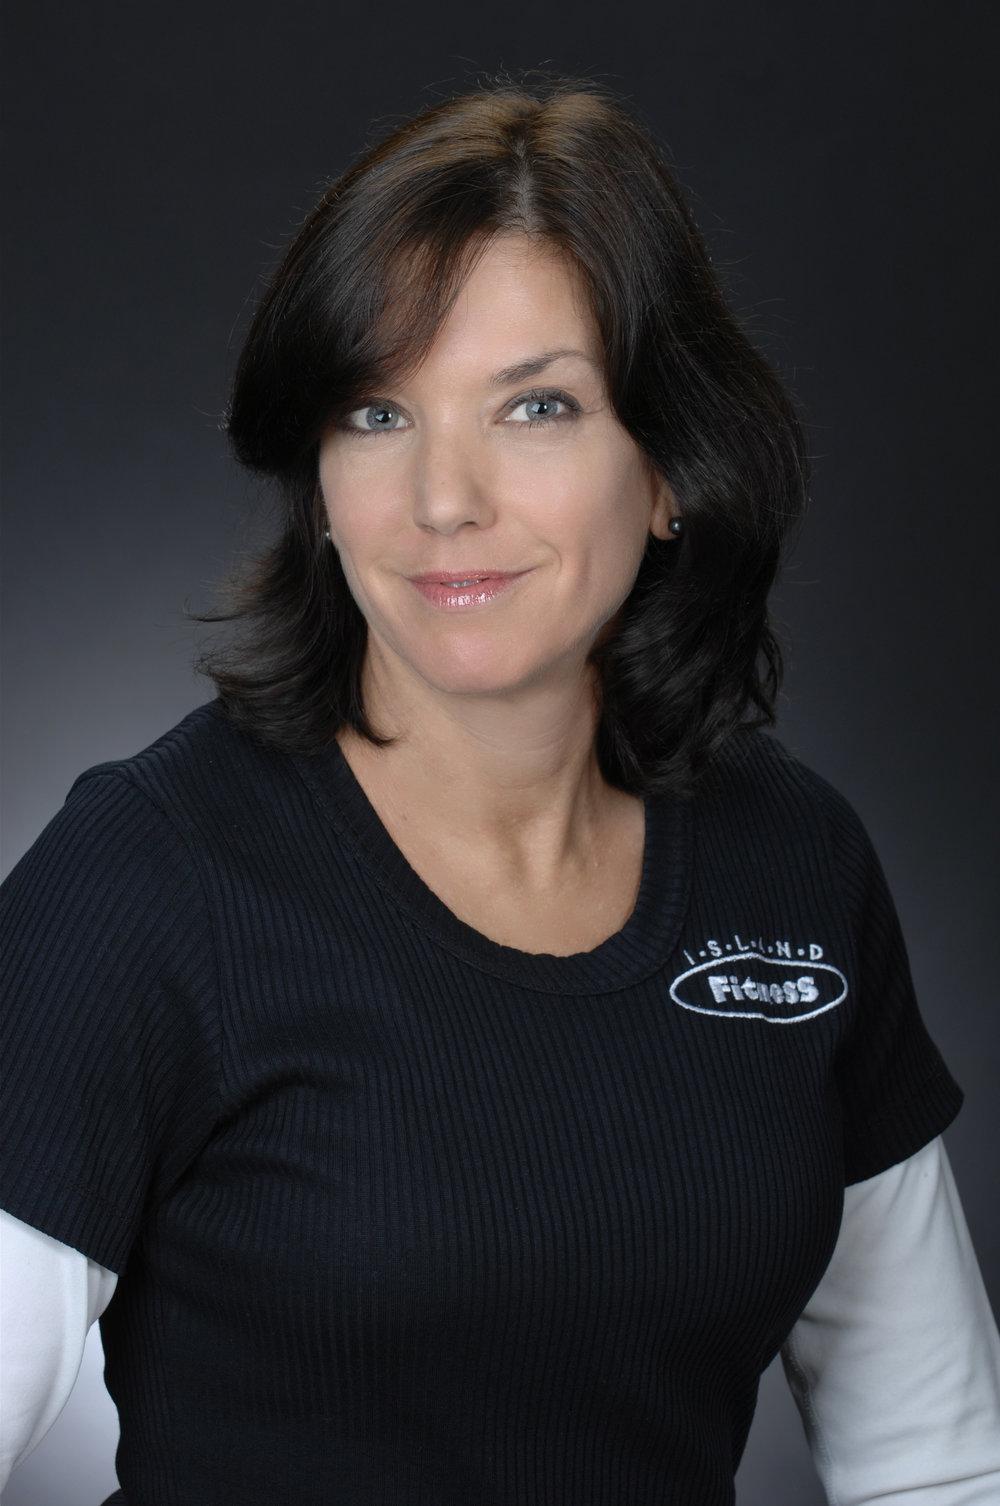 DIANE PETERSON | Specialist Trainer